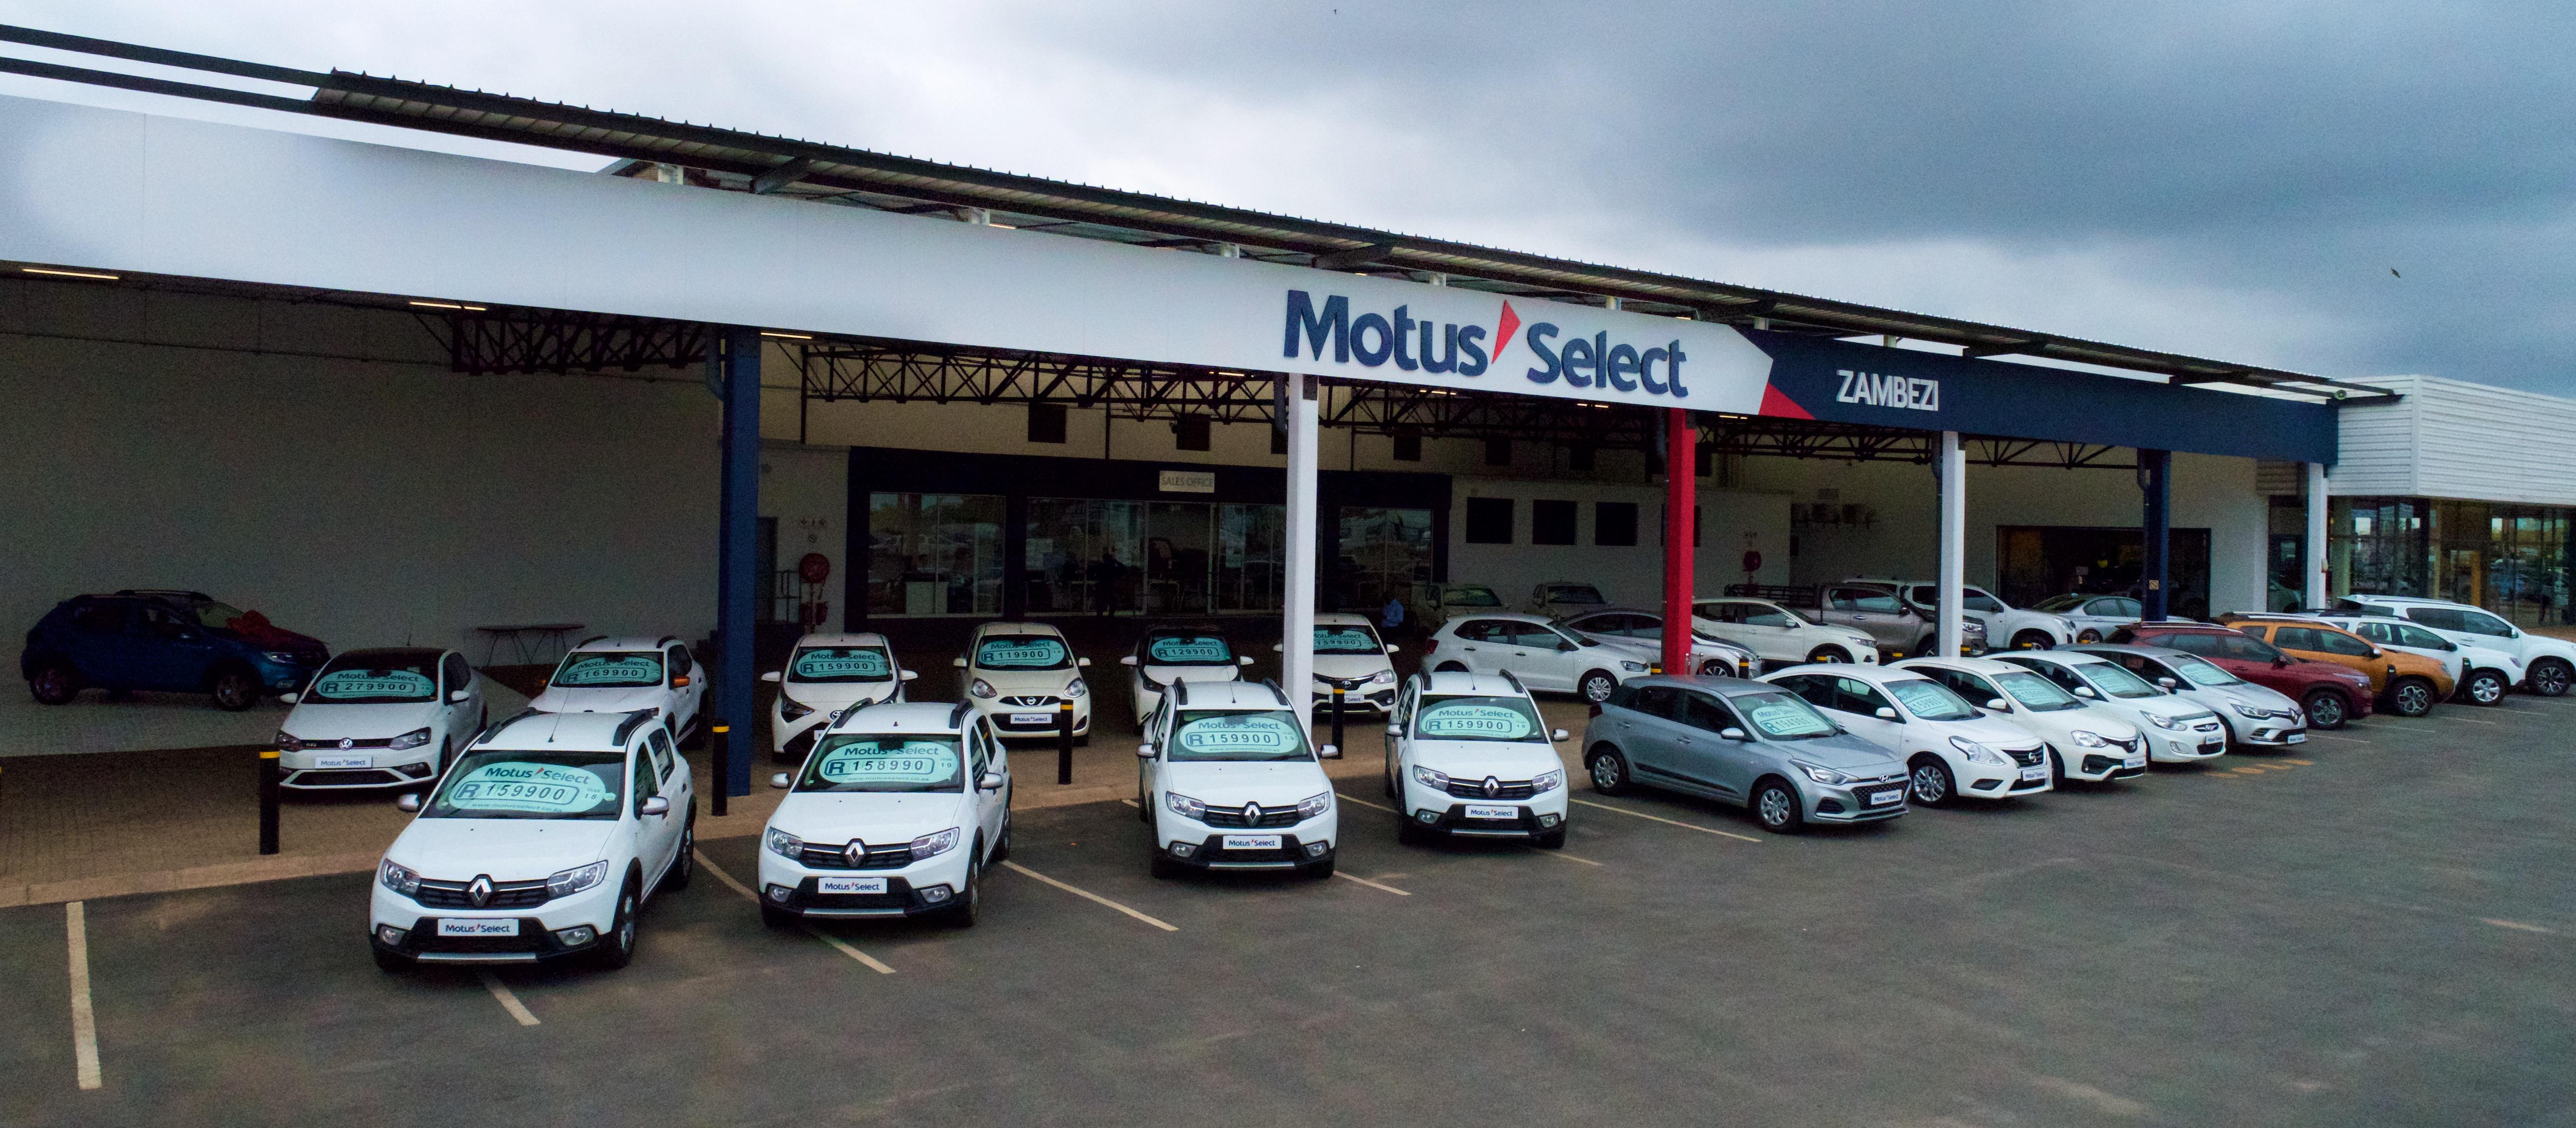 Motus Select Zambezi